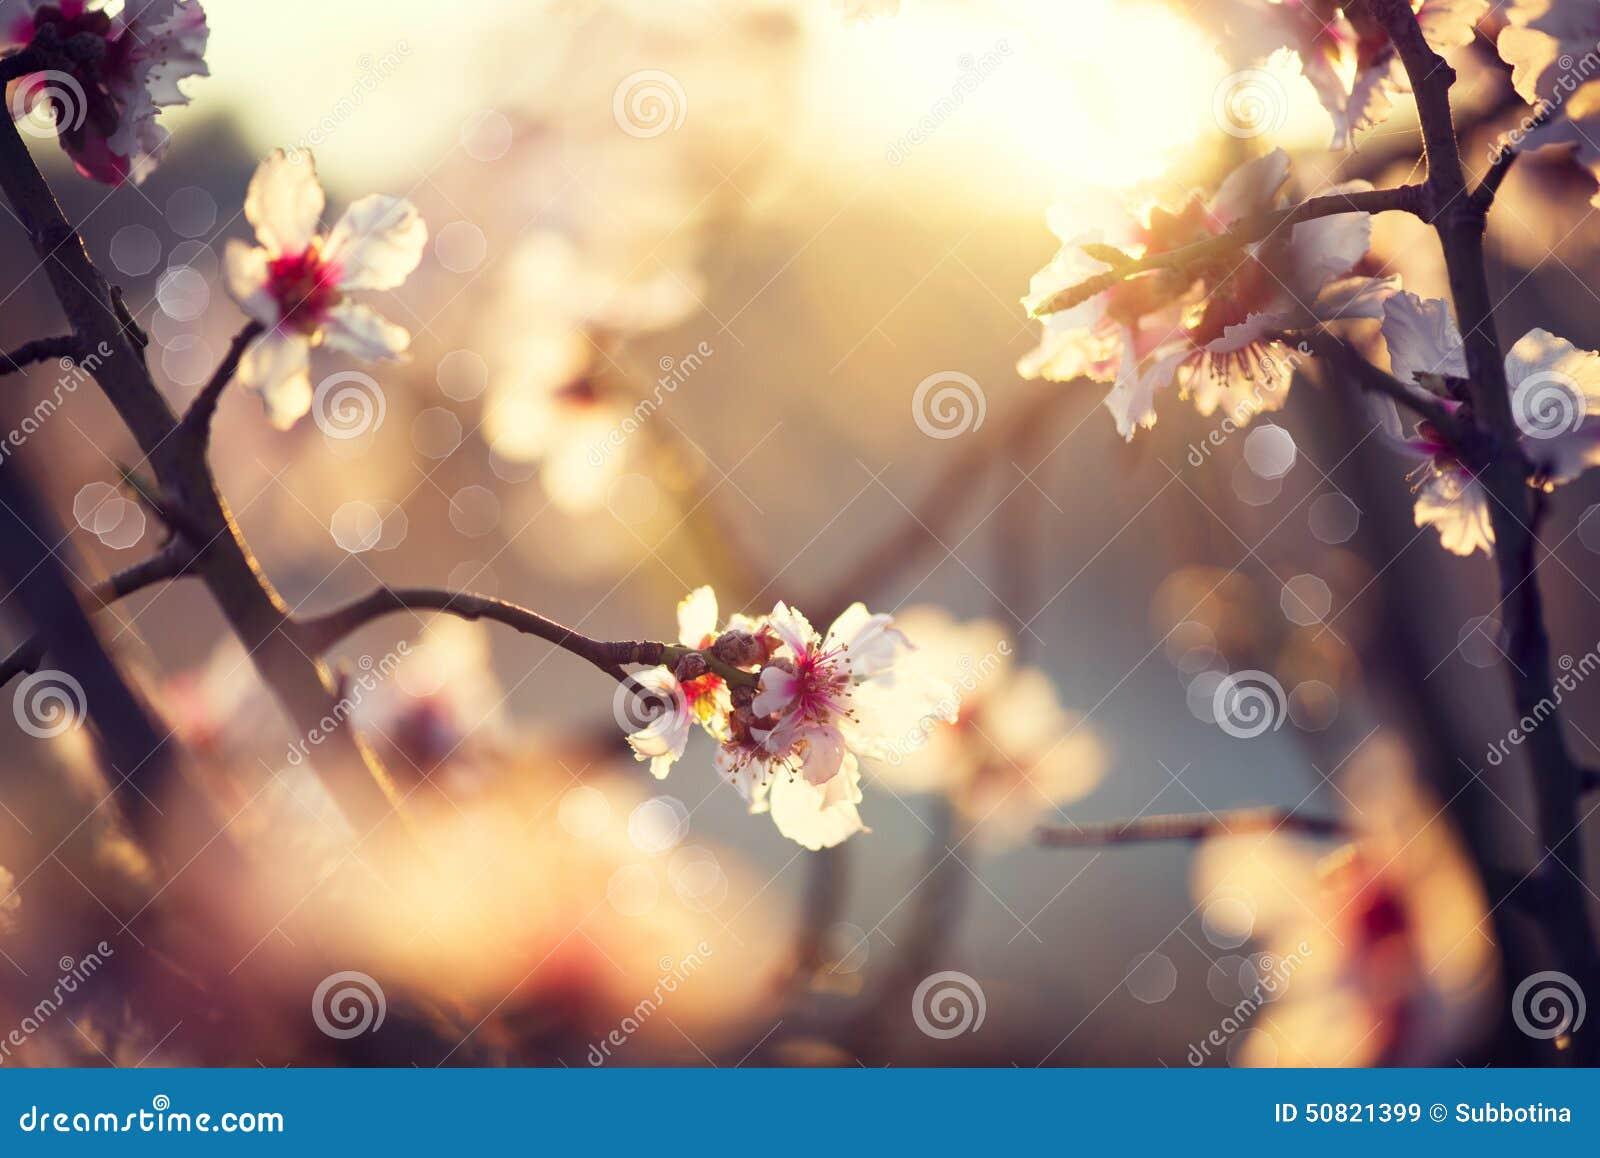 Cena bonita da natureza com árvore de florescência